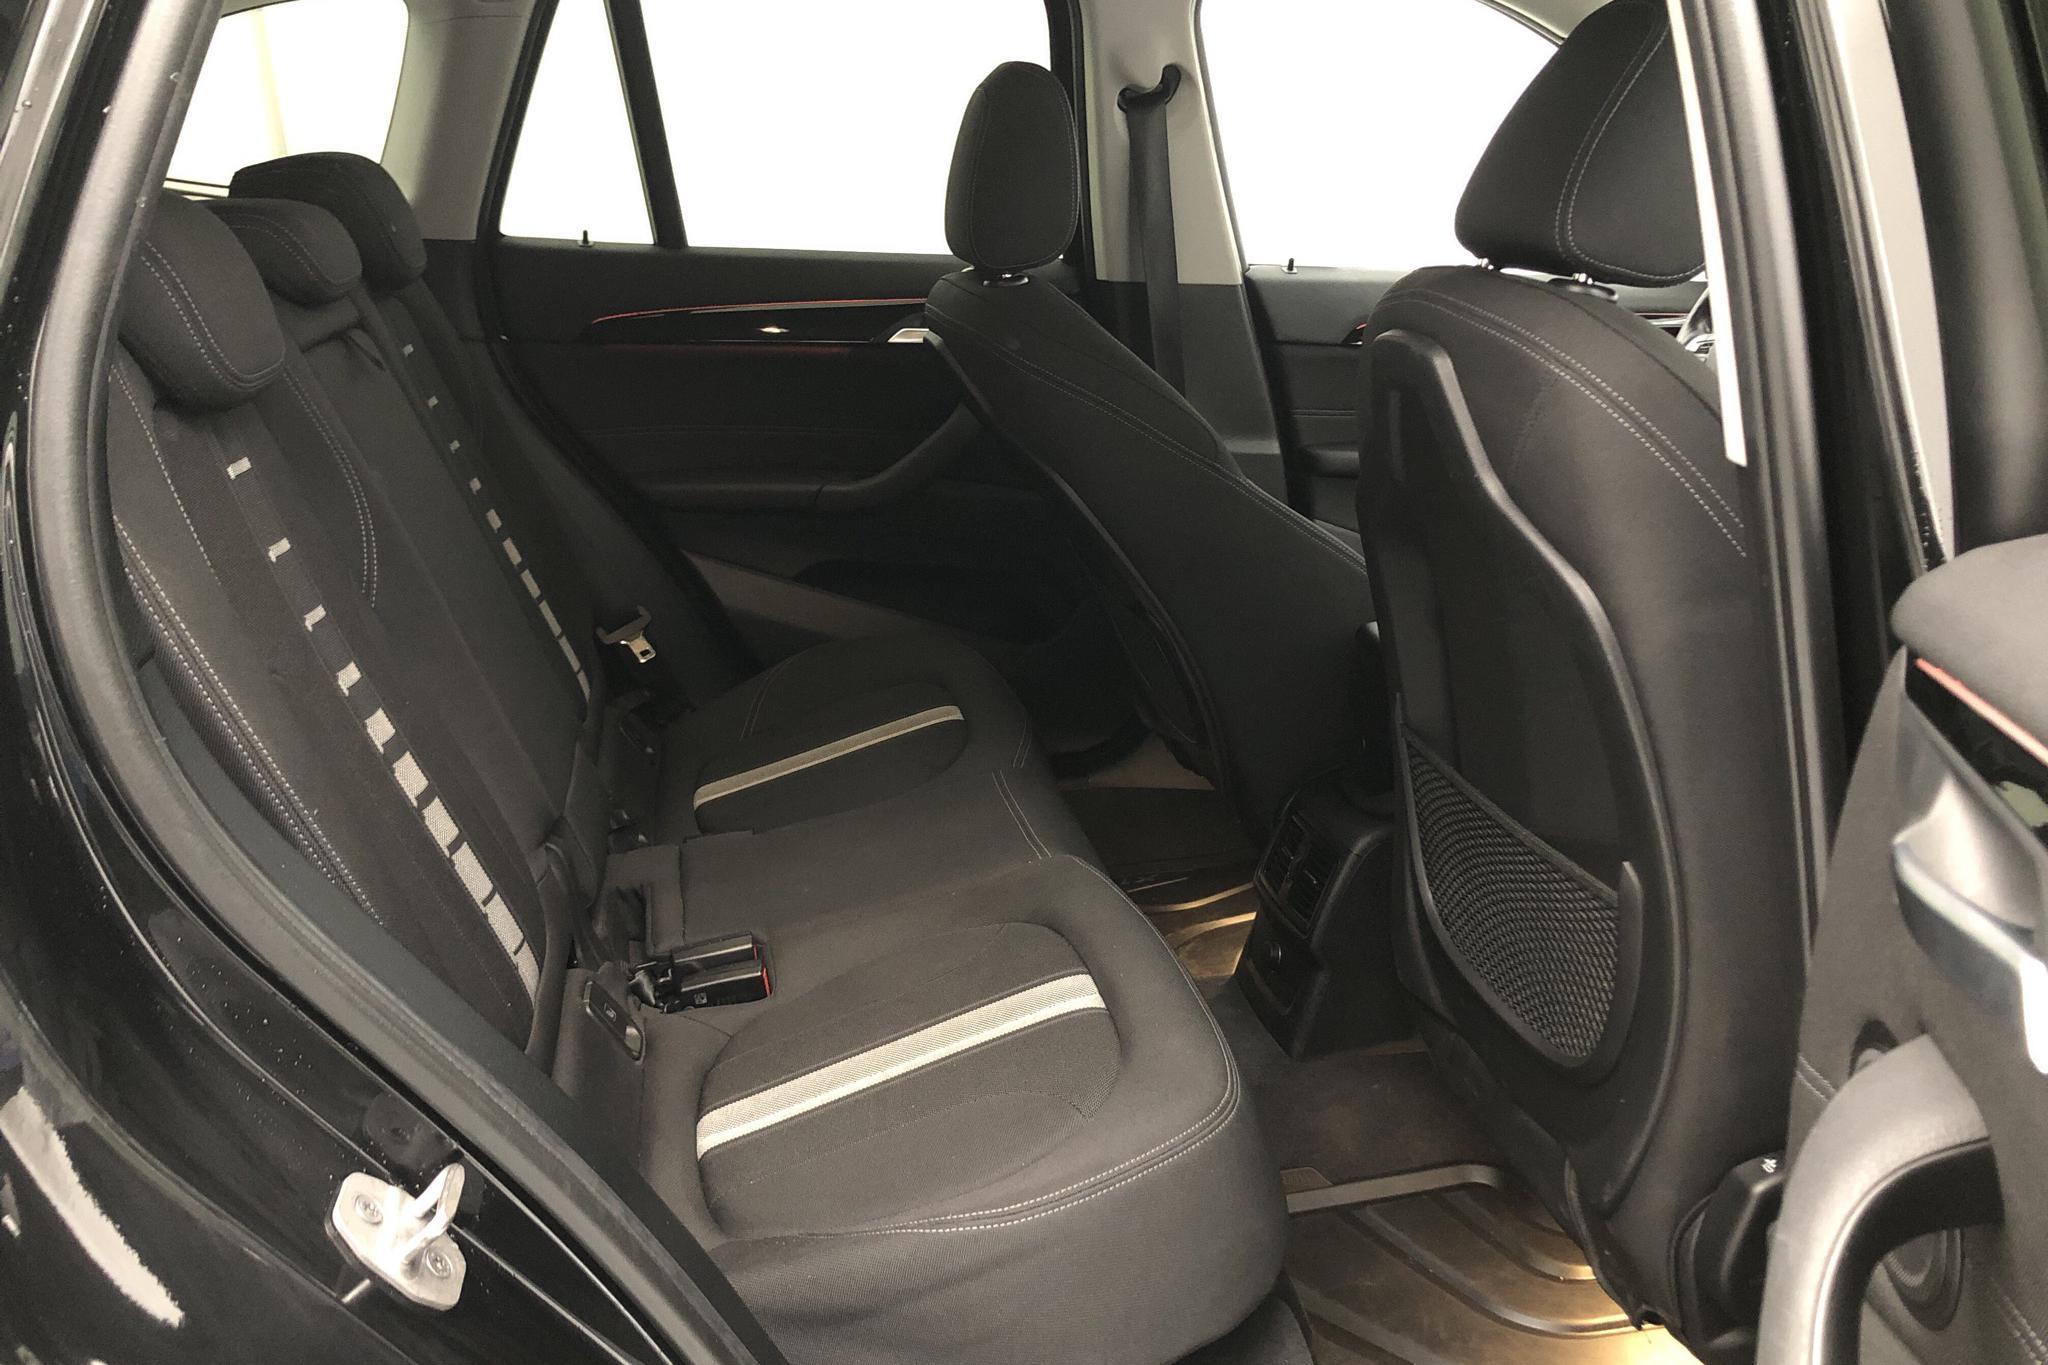 BMW X1 xDrive18d, F48 (150hk) - 88 710 km - Automatic - black - 2017